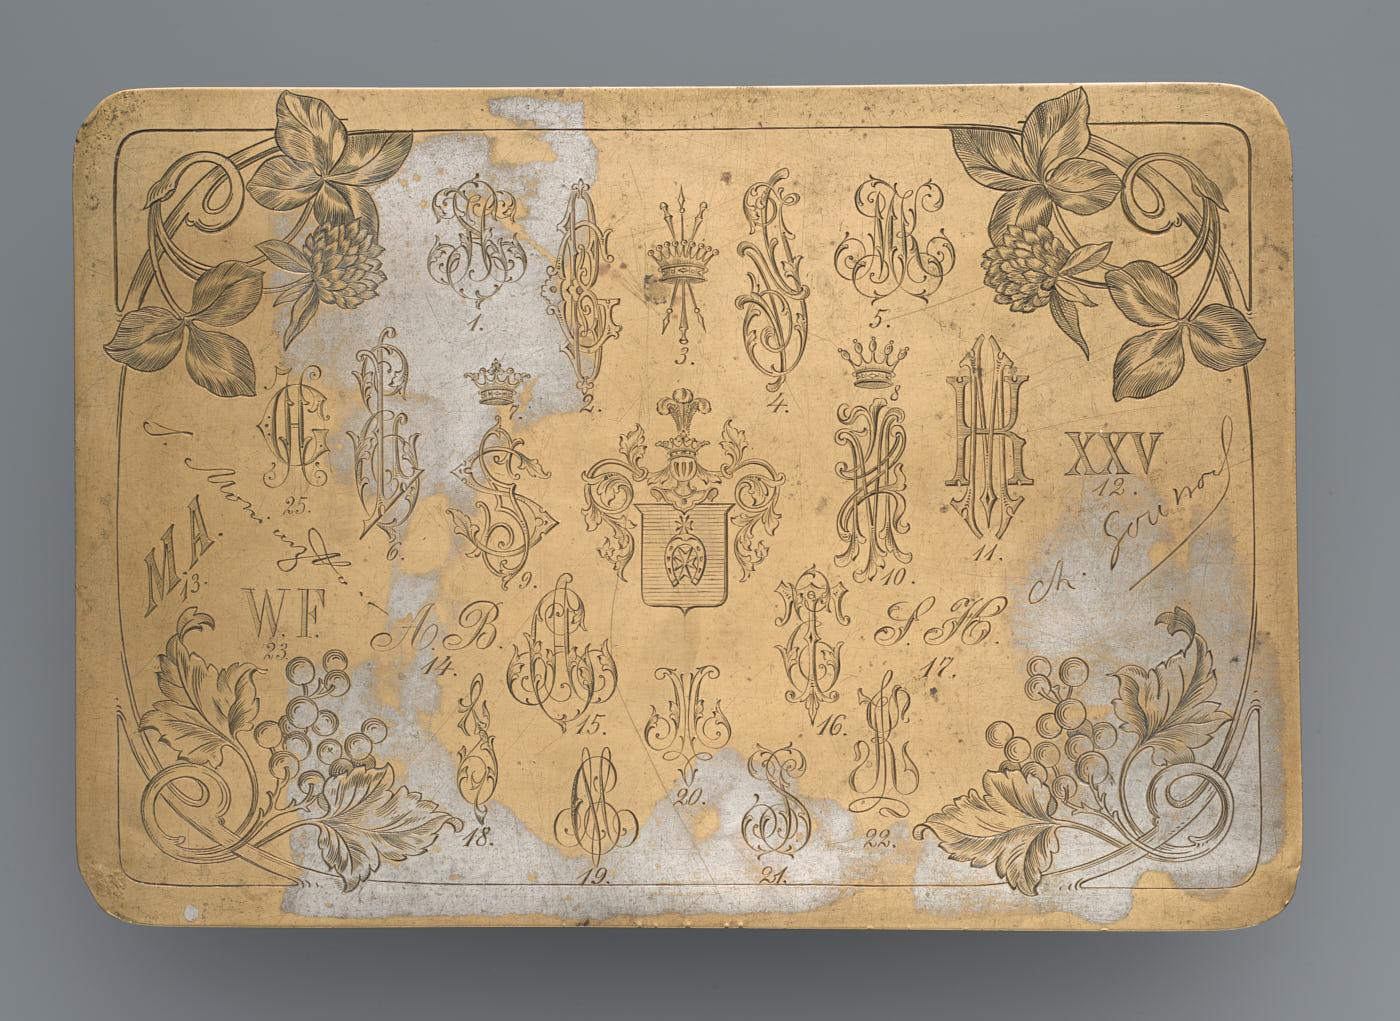 blaszka wkolorze złotym zwyrytymi ozdobnymi kwiatami, literami iherbami